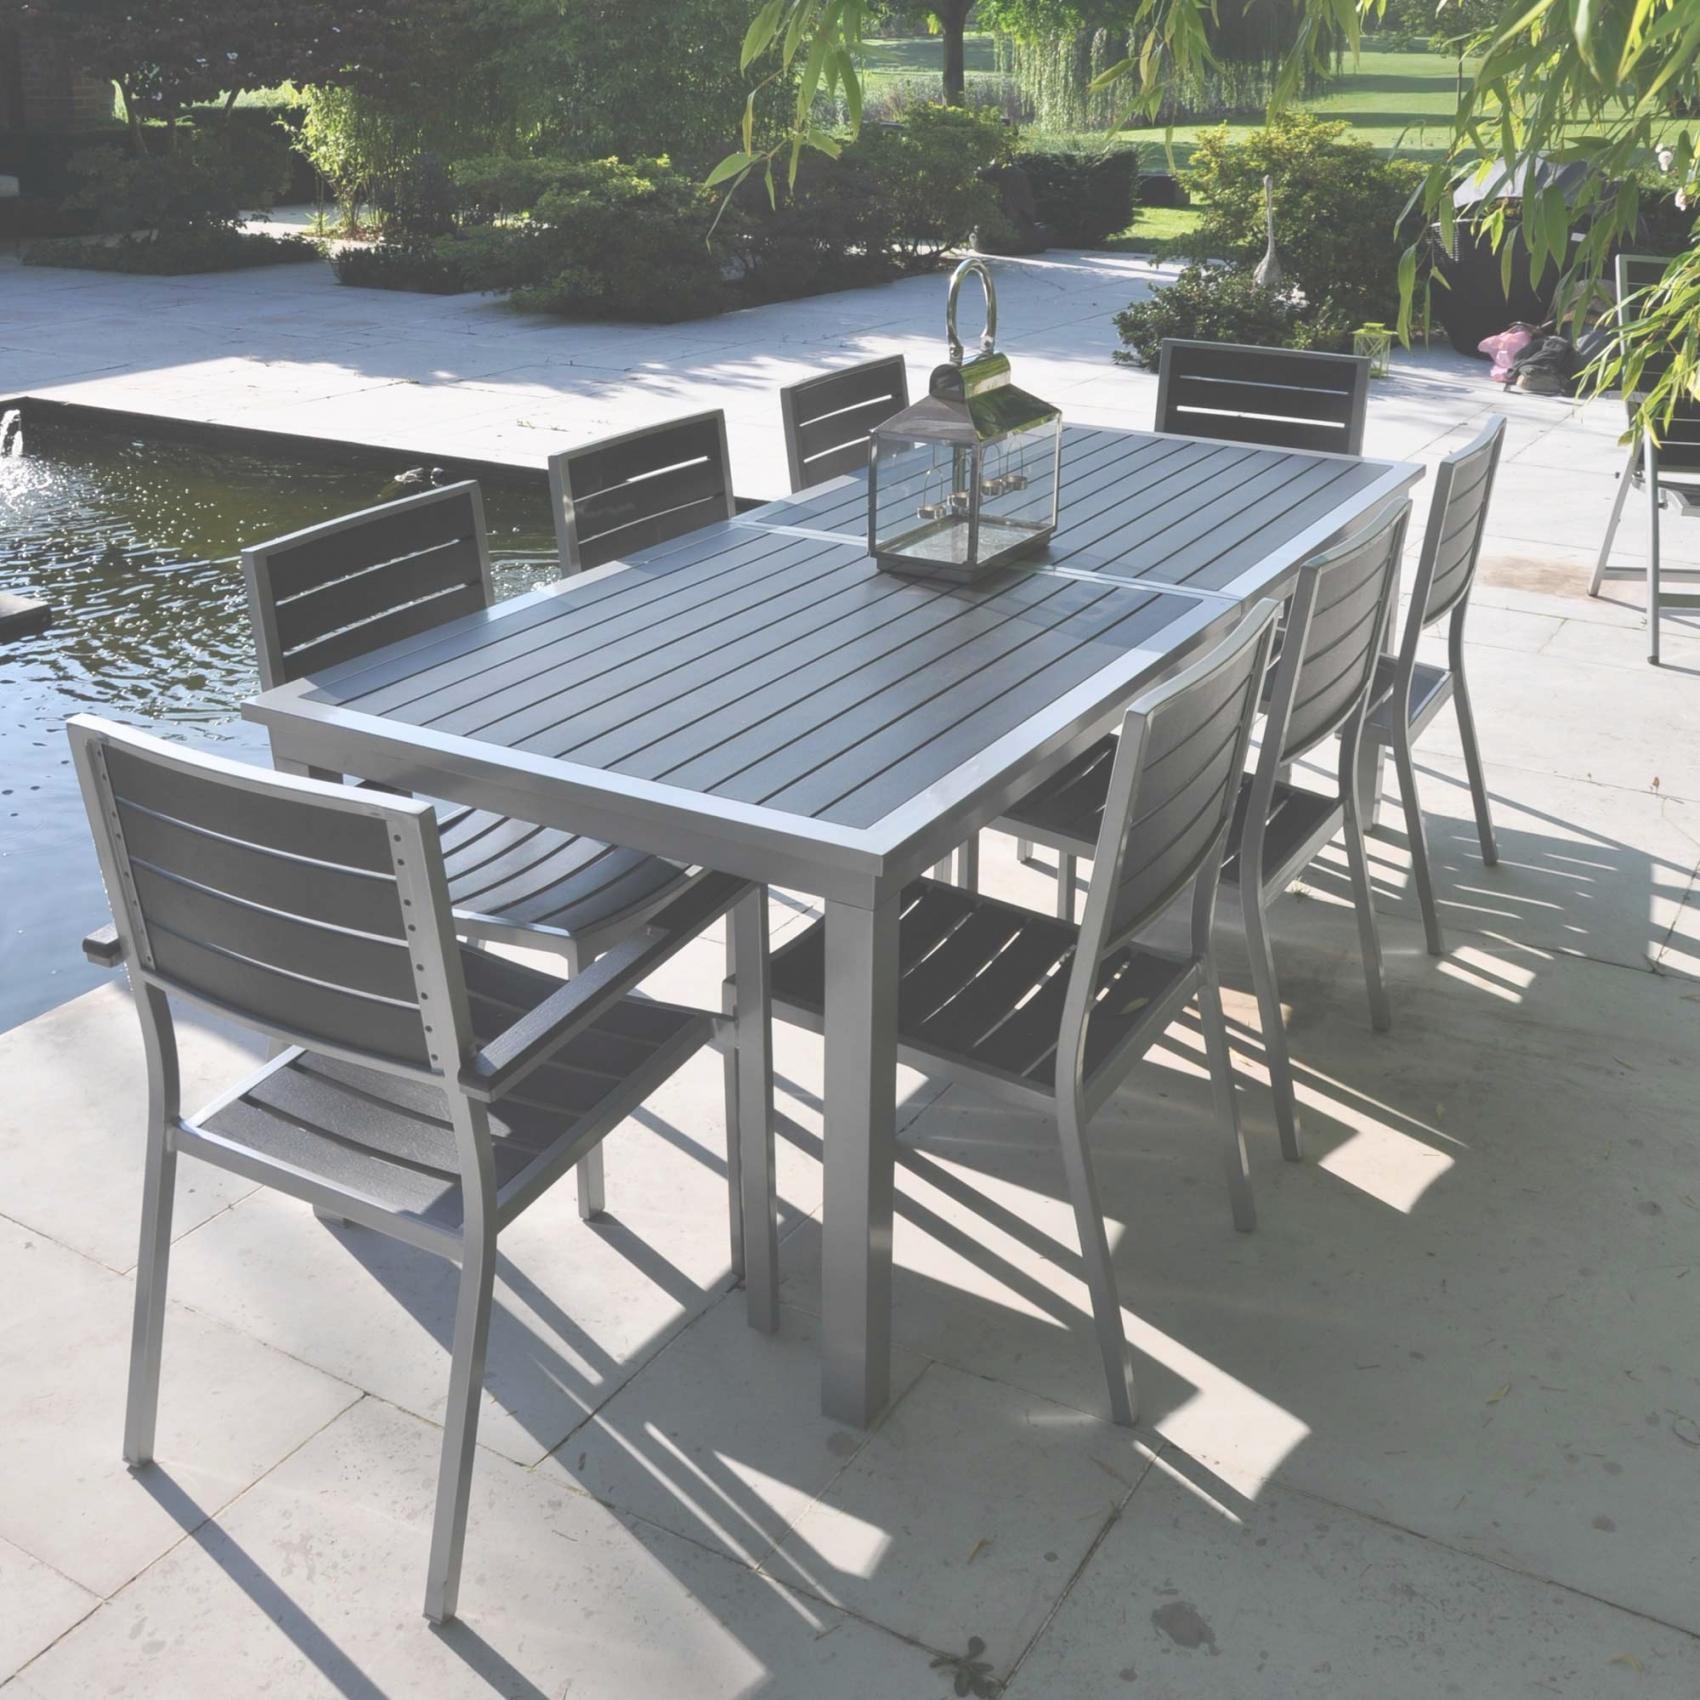 Salon de jardin aluminium kettler - Mailleraye.fr jardin